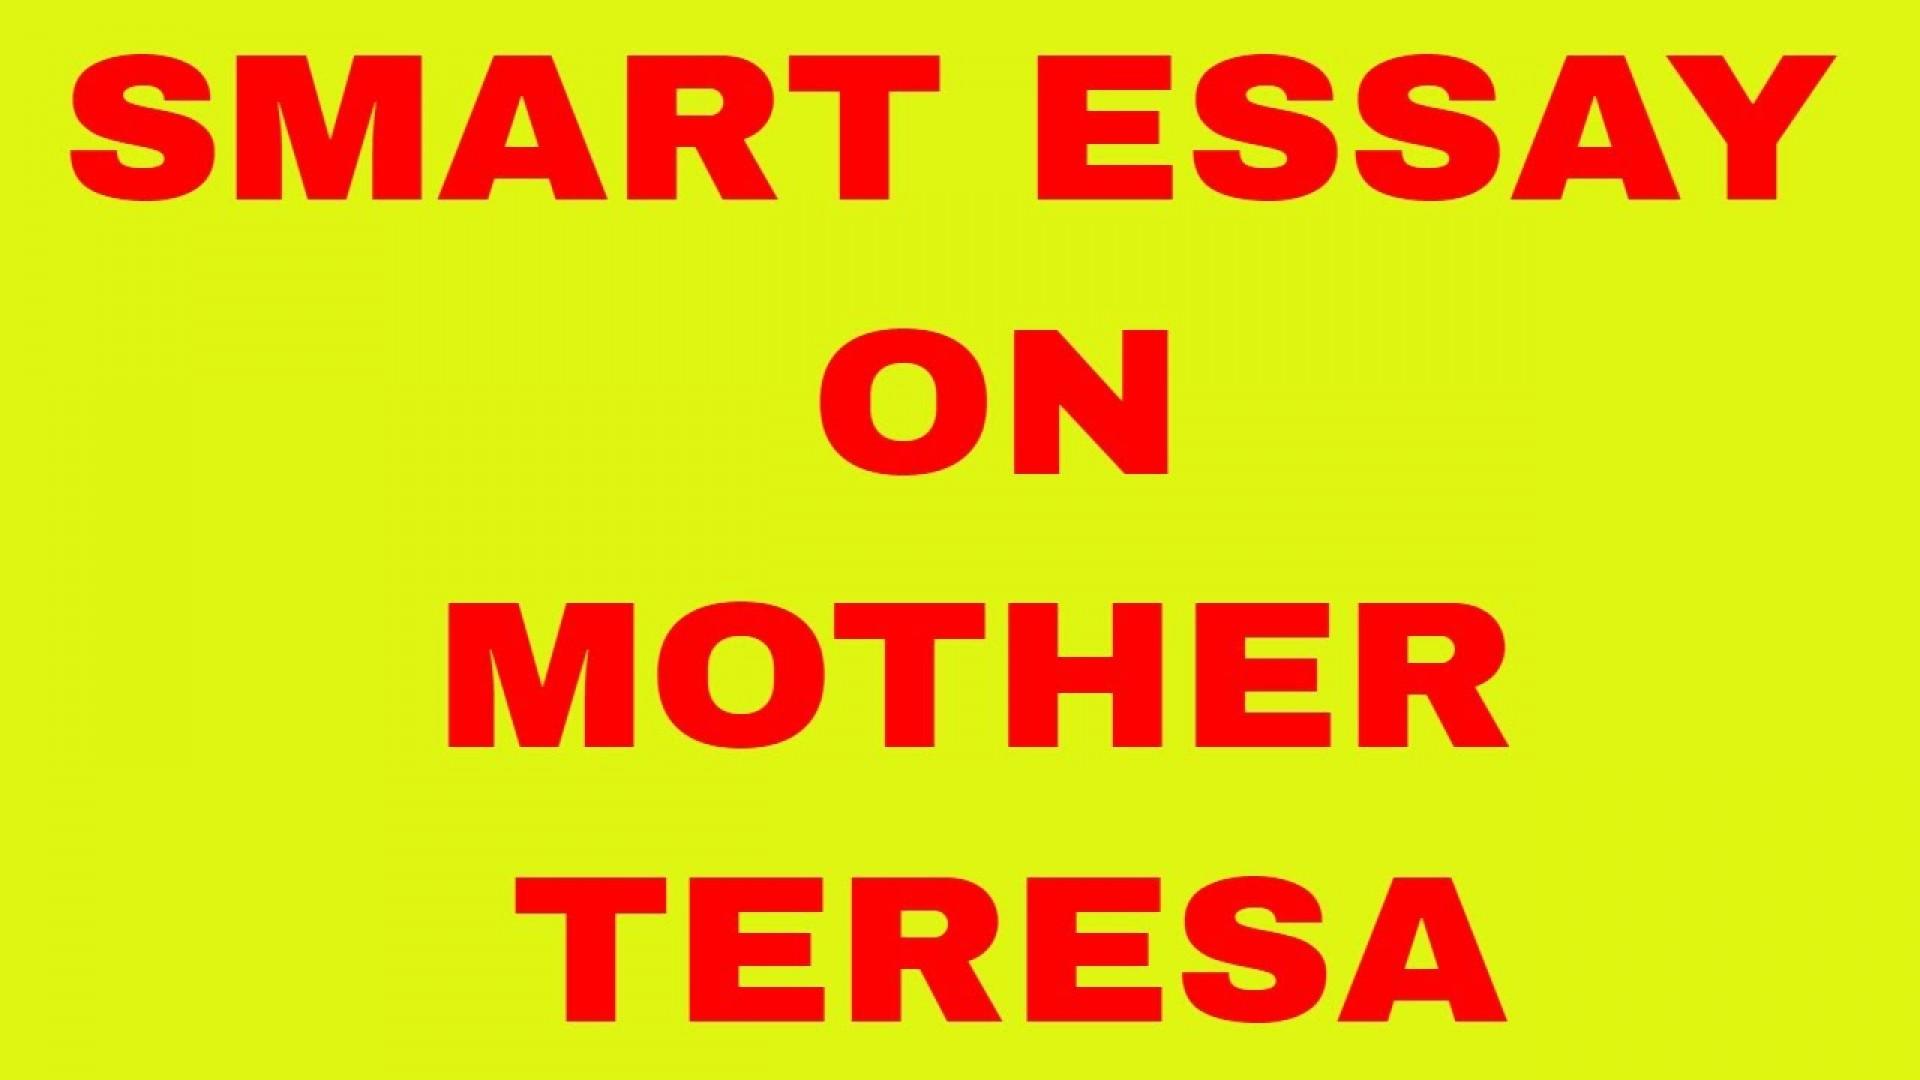 007 Mother Teresa Essay Maxresdefault Fantastic Pdf In Hindi Urdu 1920